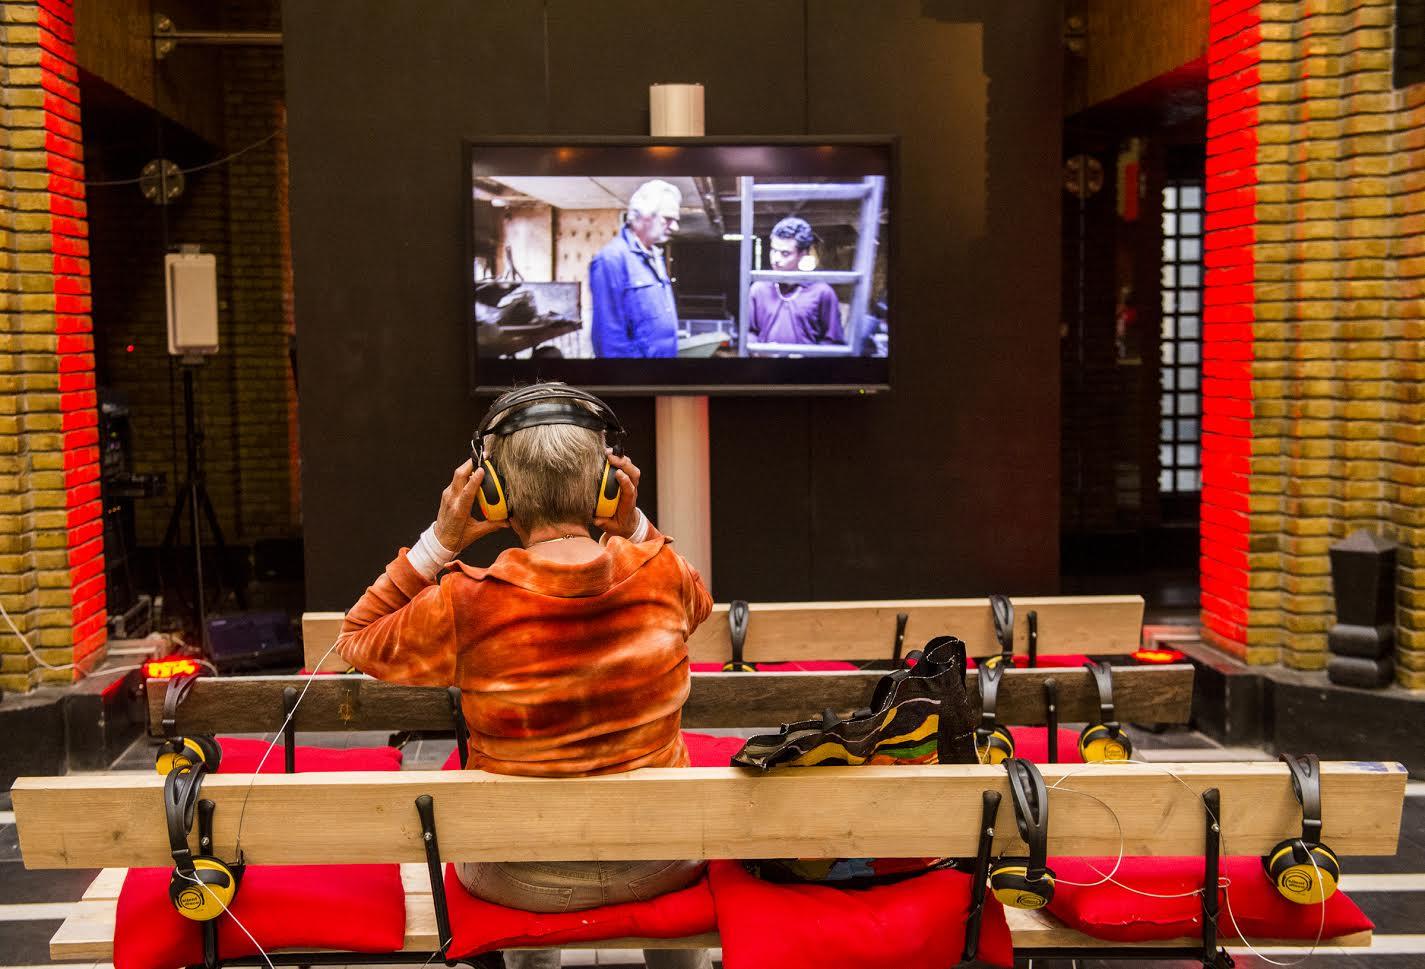 UTRECHT, 30-09-2015 - NFF. Nederlands Film Festival. Silent Cinema in het festivalhart op de Neude. FOTO DESIREE SCHIPPRES